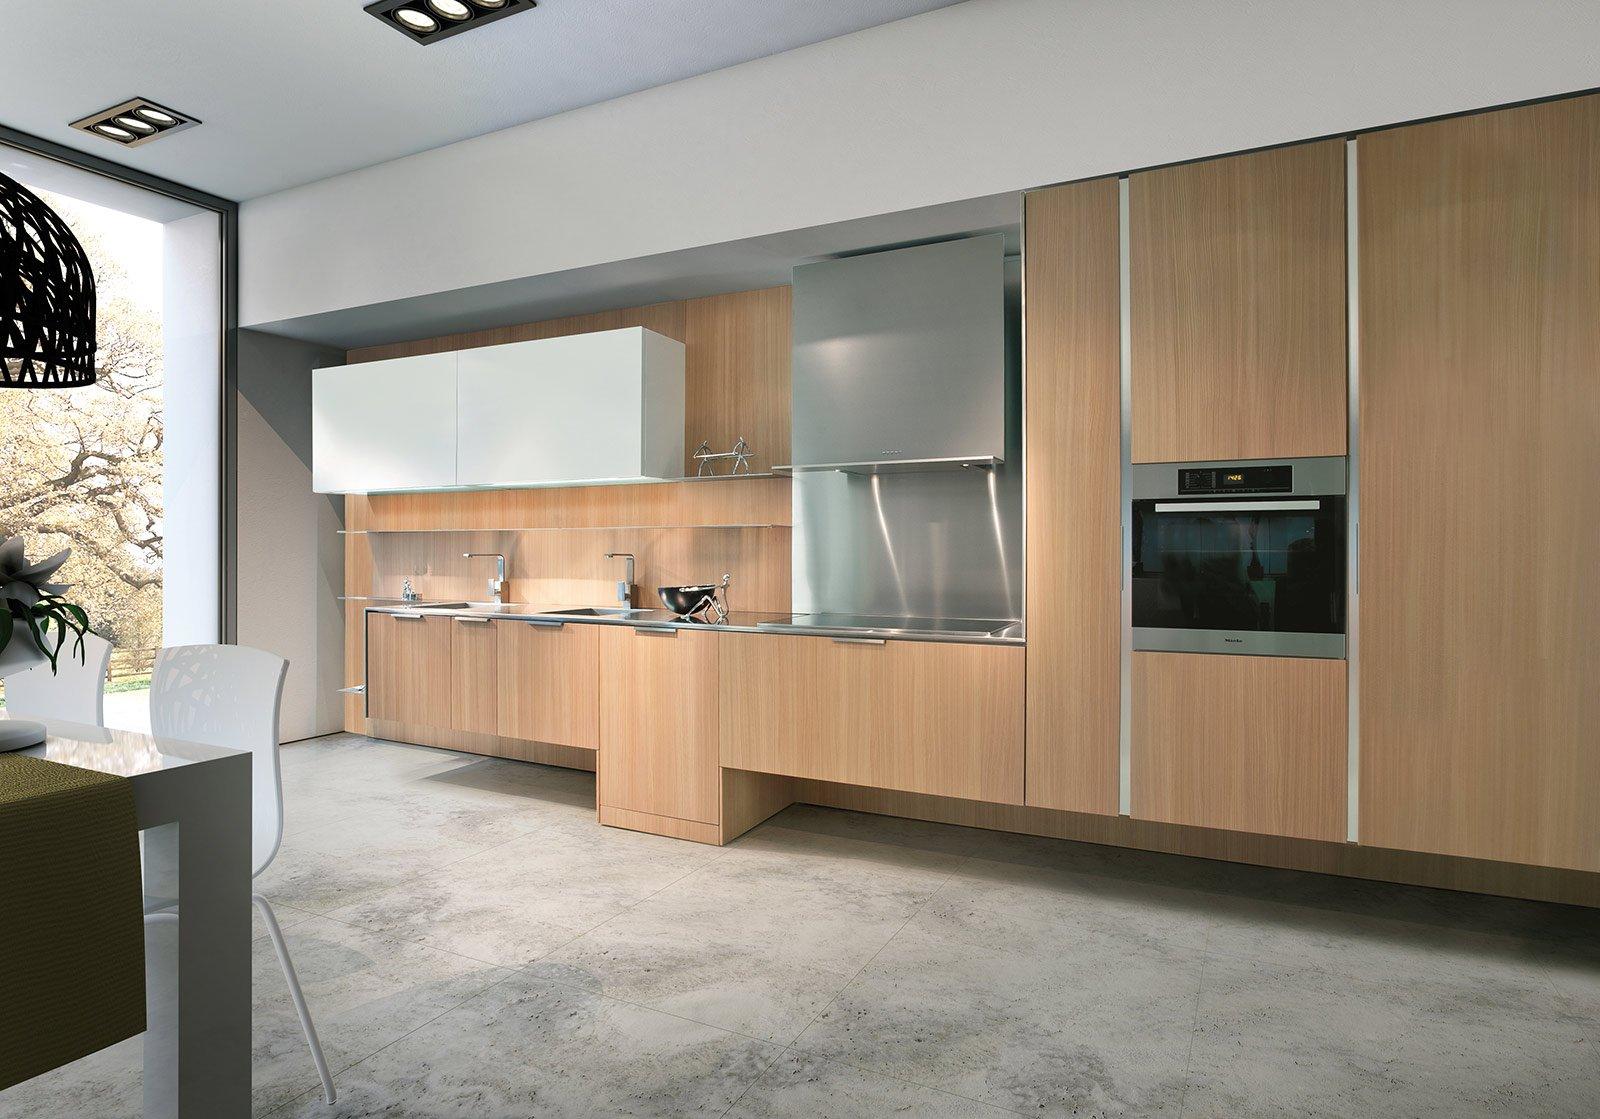 Cucine moderne in legno cose di casa - Legno per cucine ...